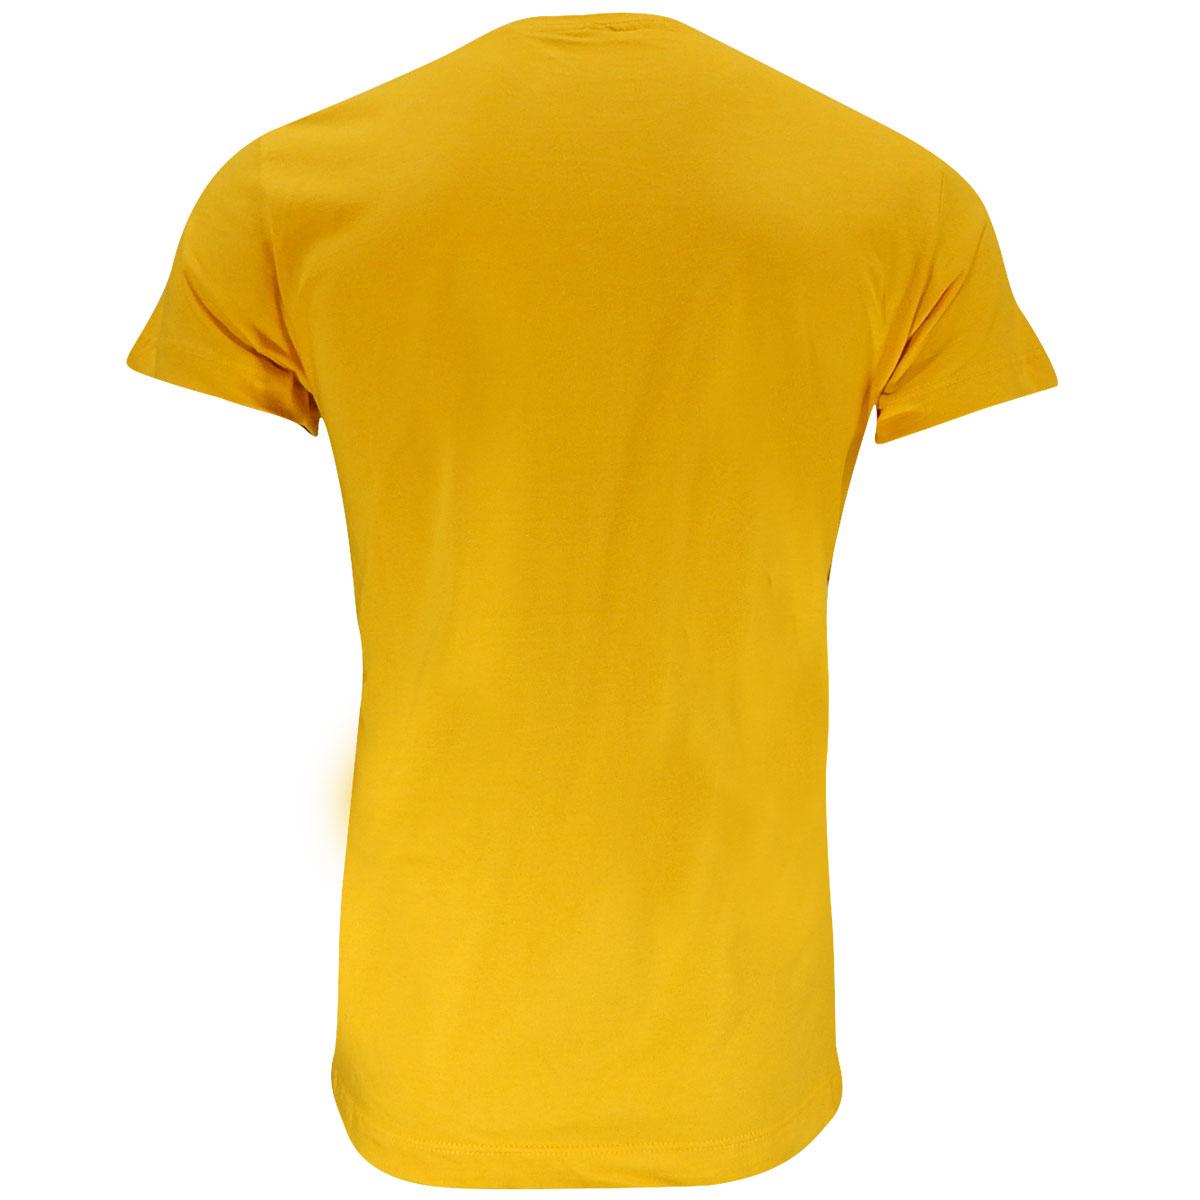 87fa06c2c7 Camiseta Mormaii Logo Bordado Amarela passe o mouse para ver em zoom